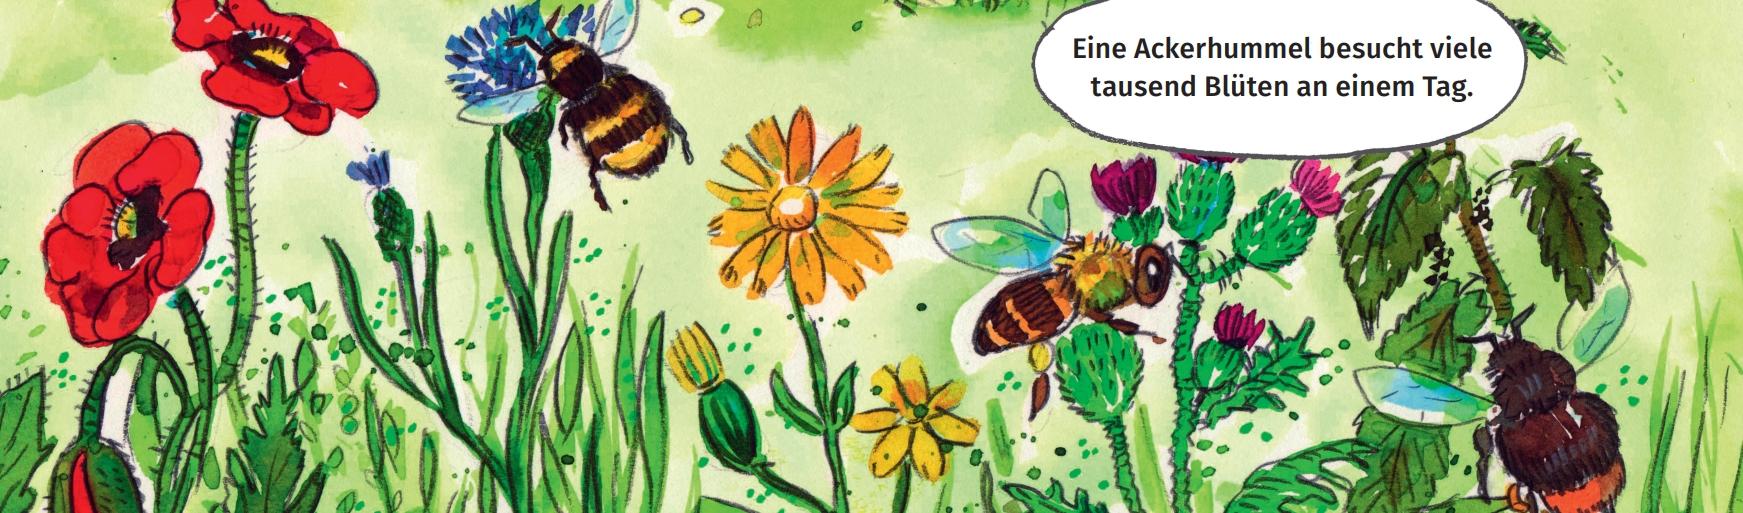 Bunte Blüten mit Insekten